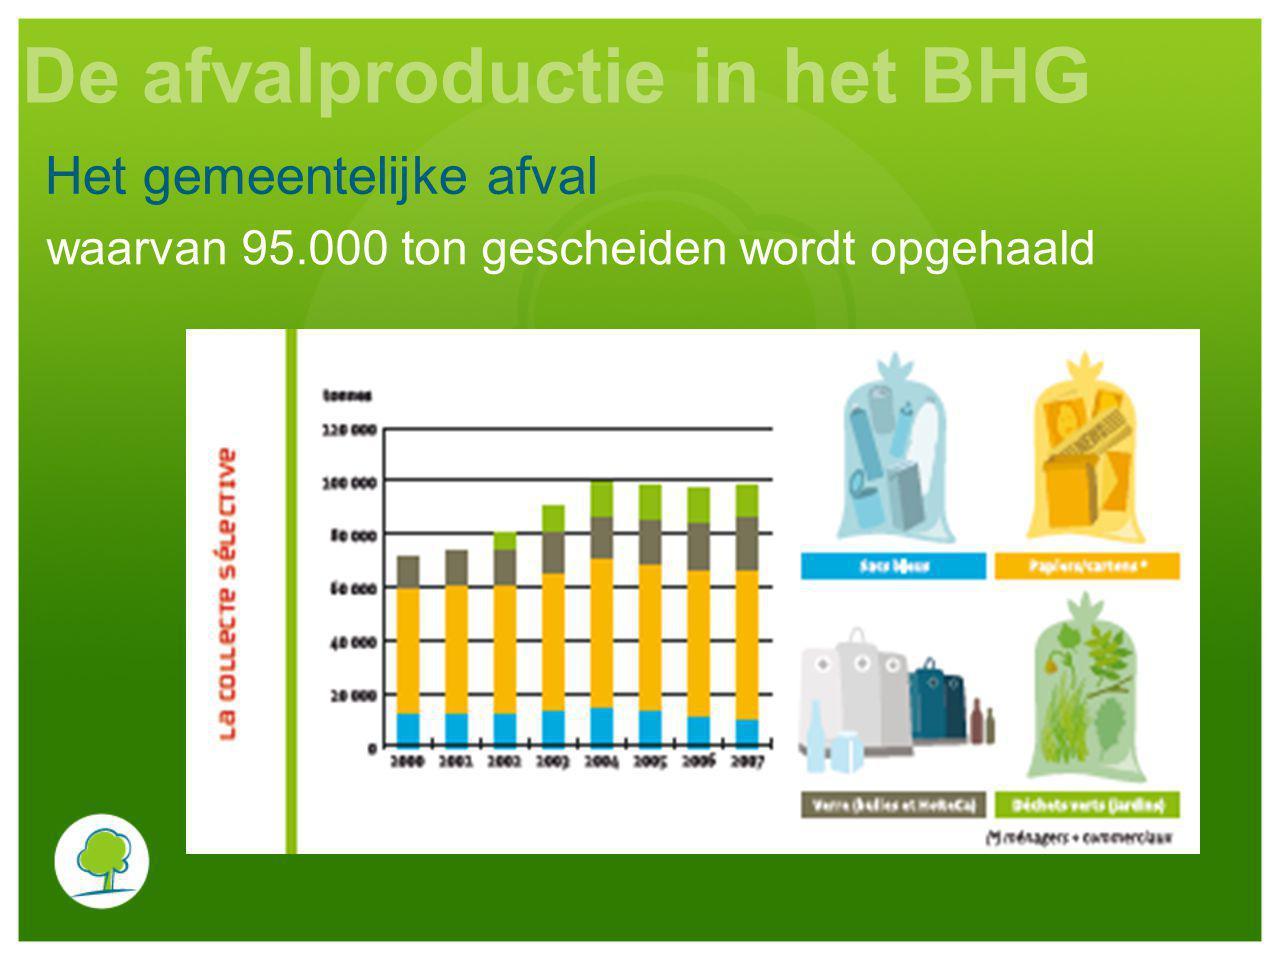 Het gemeentelijke afval De afvalproductie in het BHG waarvan 95.000 ton gescheiden wordt opgehaald